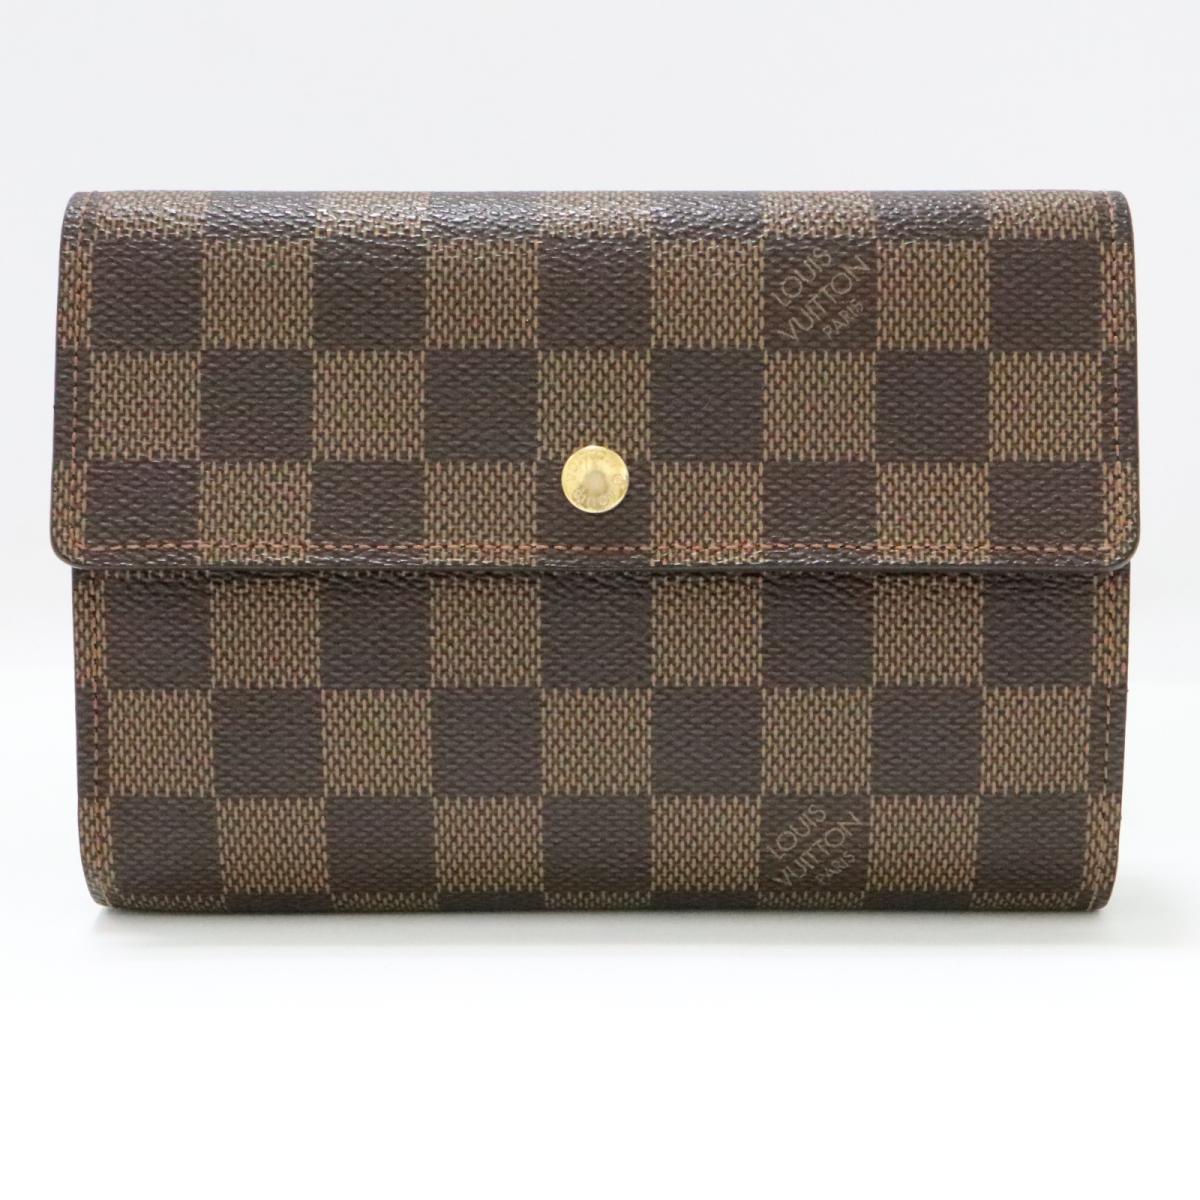 ポルトトレゾール エチュイパピエ 三つ折財布 財布